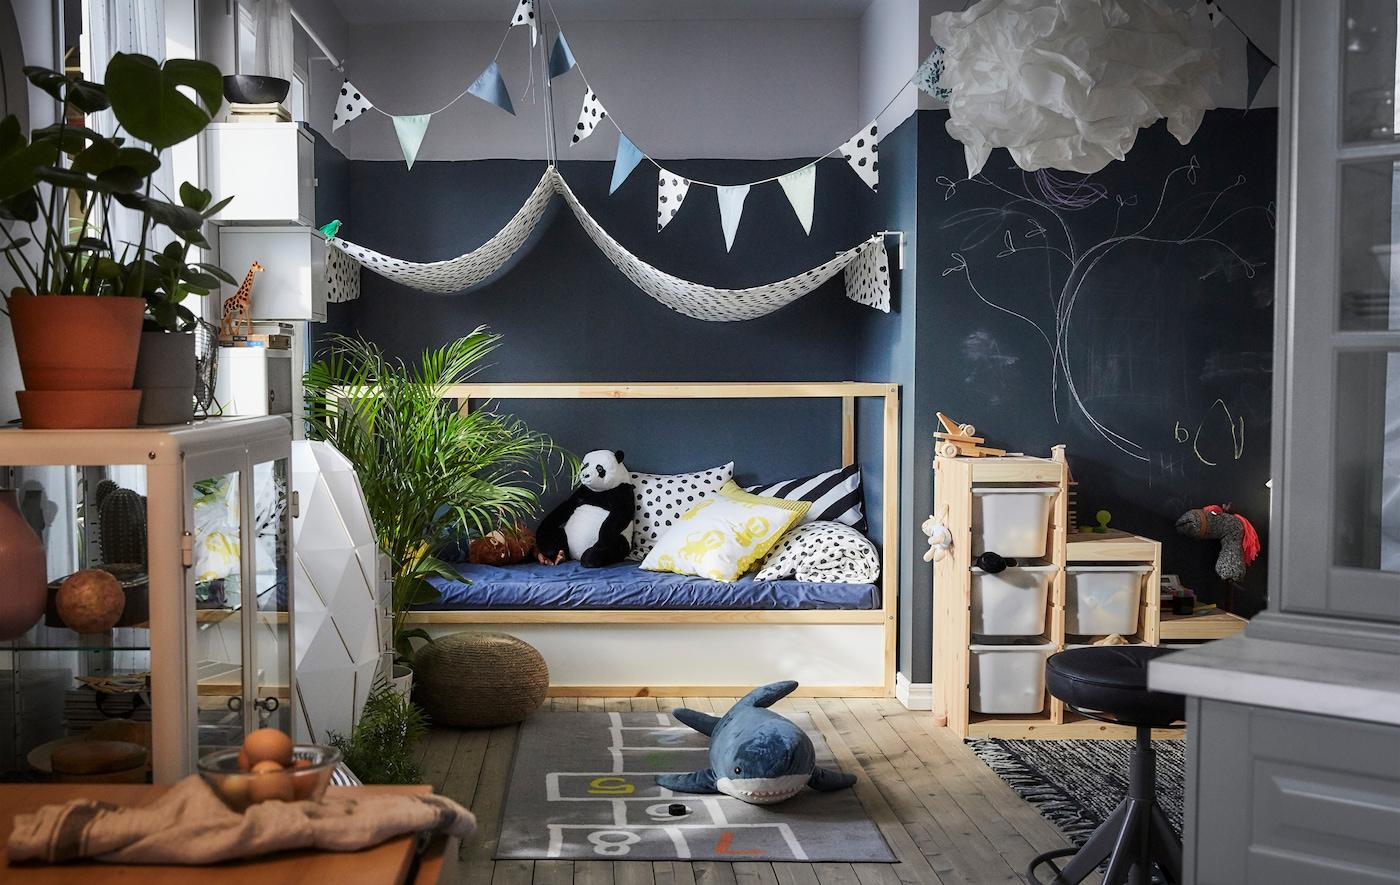 Ein Spielbereich mit Stoffbetthimmel über einem Bett, Spielzeug, gemustertem Teppich & Boxen.